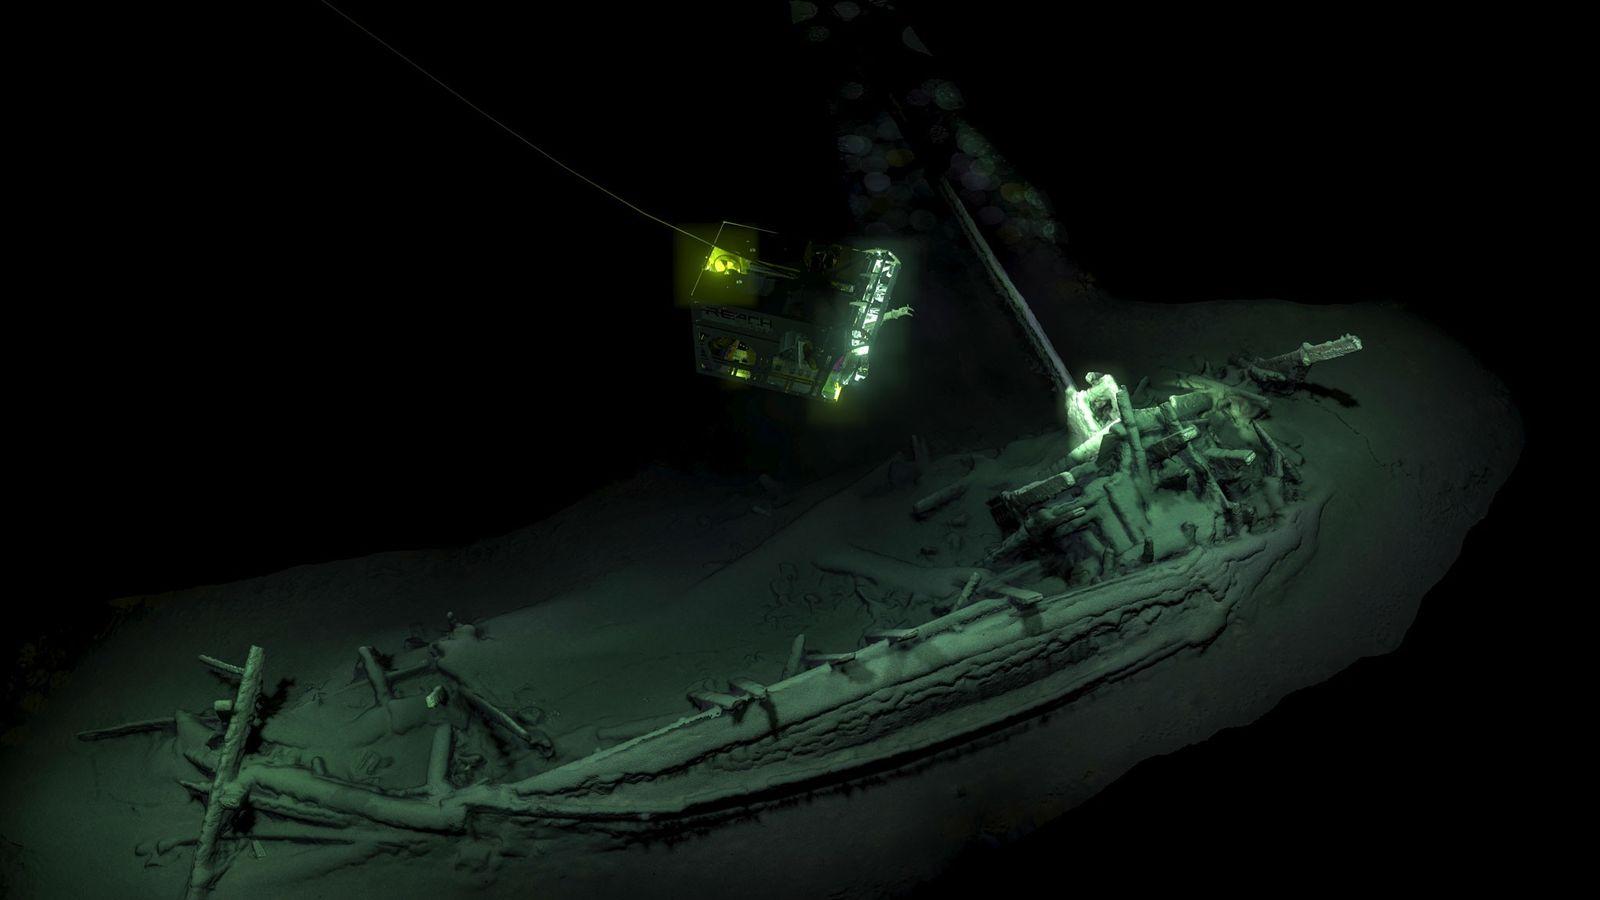 Un ROV (vehículo operado a distancia), captura imágenes del buque mercante de 2.400 años, que descansa ...